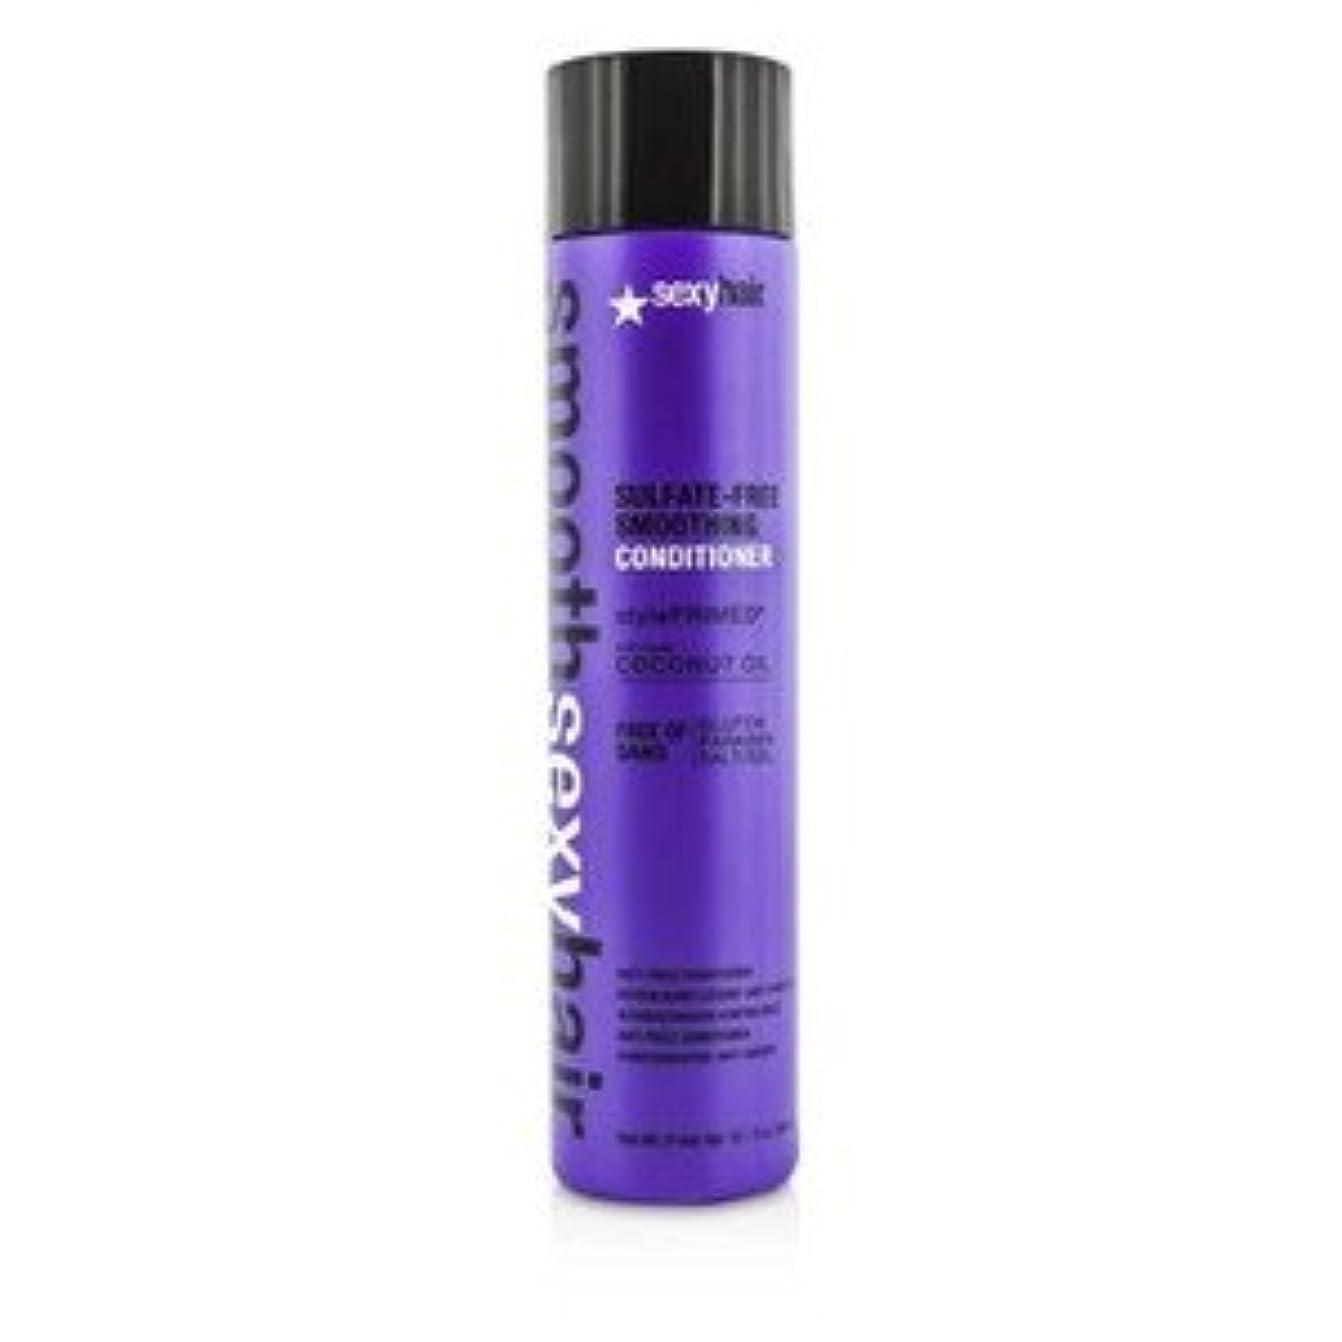 シミュレートする吸い込む背が高いSexy Hair スムース セクシー ヘア サルフェートフリー スムージング コンディショナー(Anti-Frizz) 300ml/10.1oz [並行輸入品]